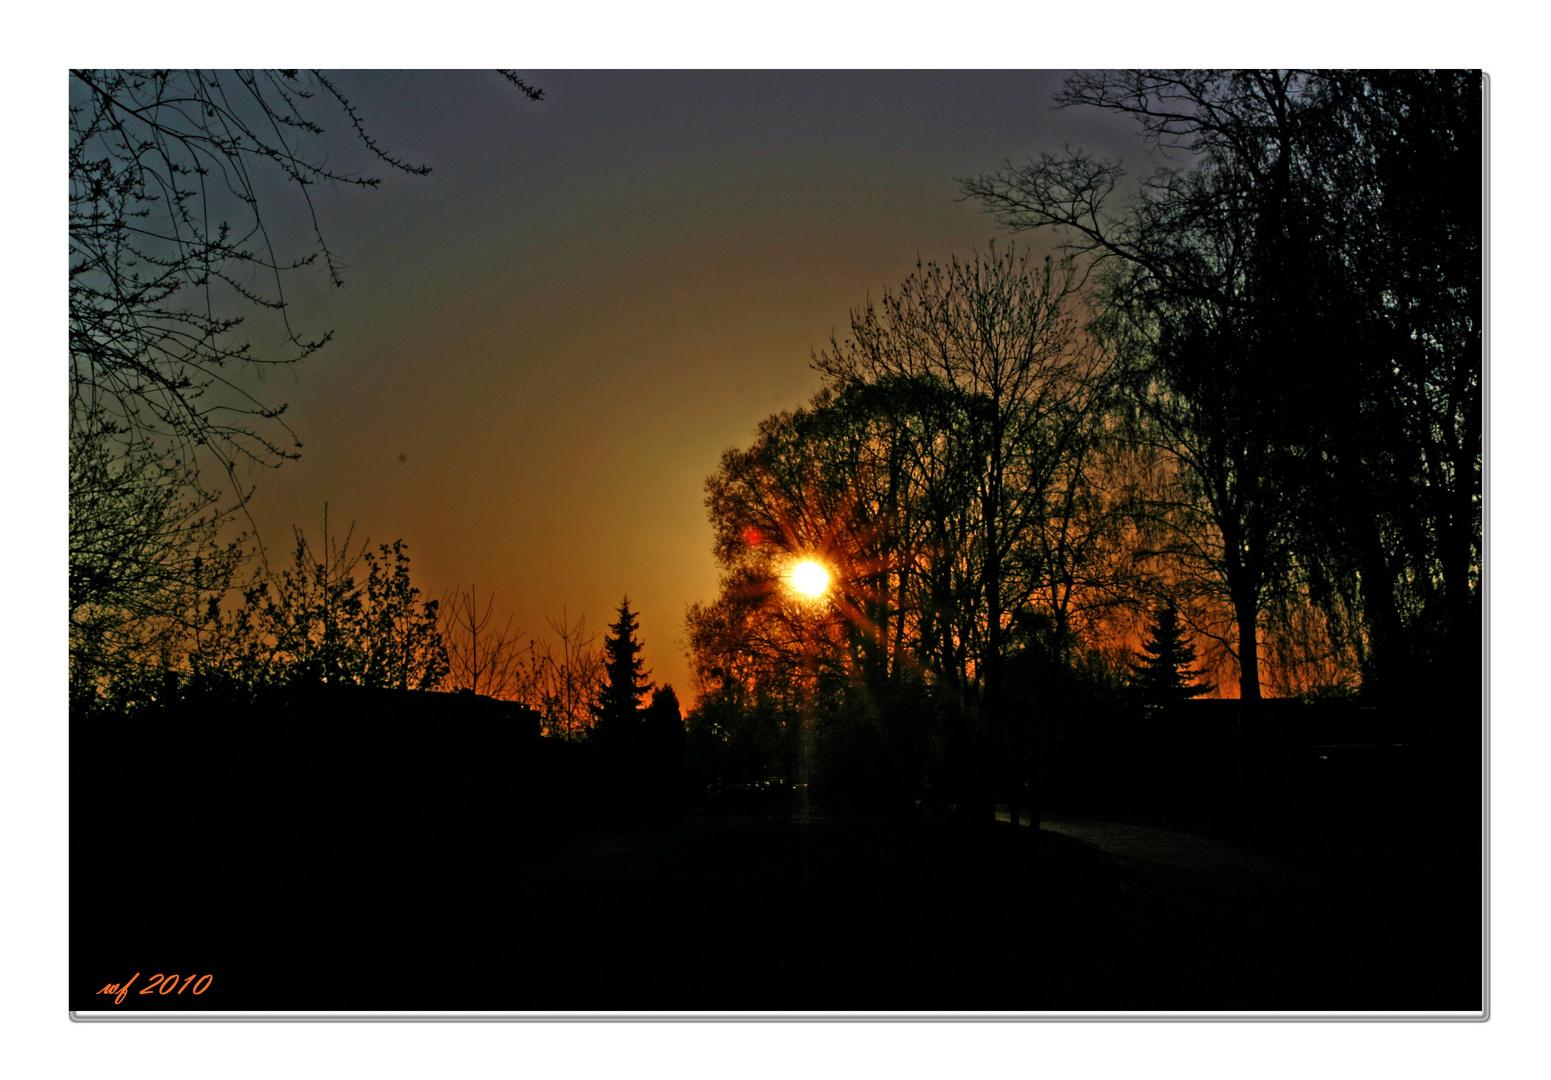 Die Sonne sagt langsam Aufwiedersehen!